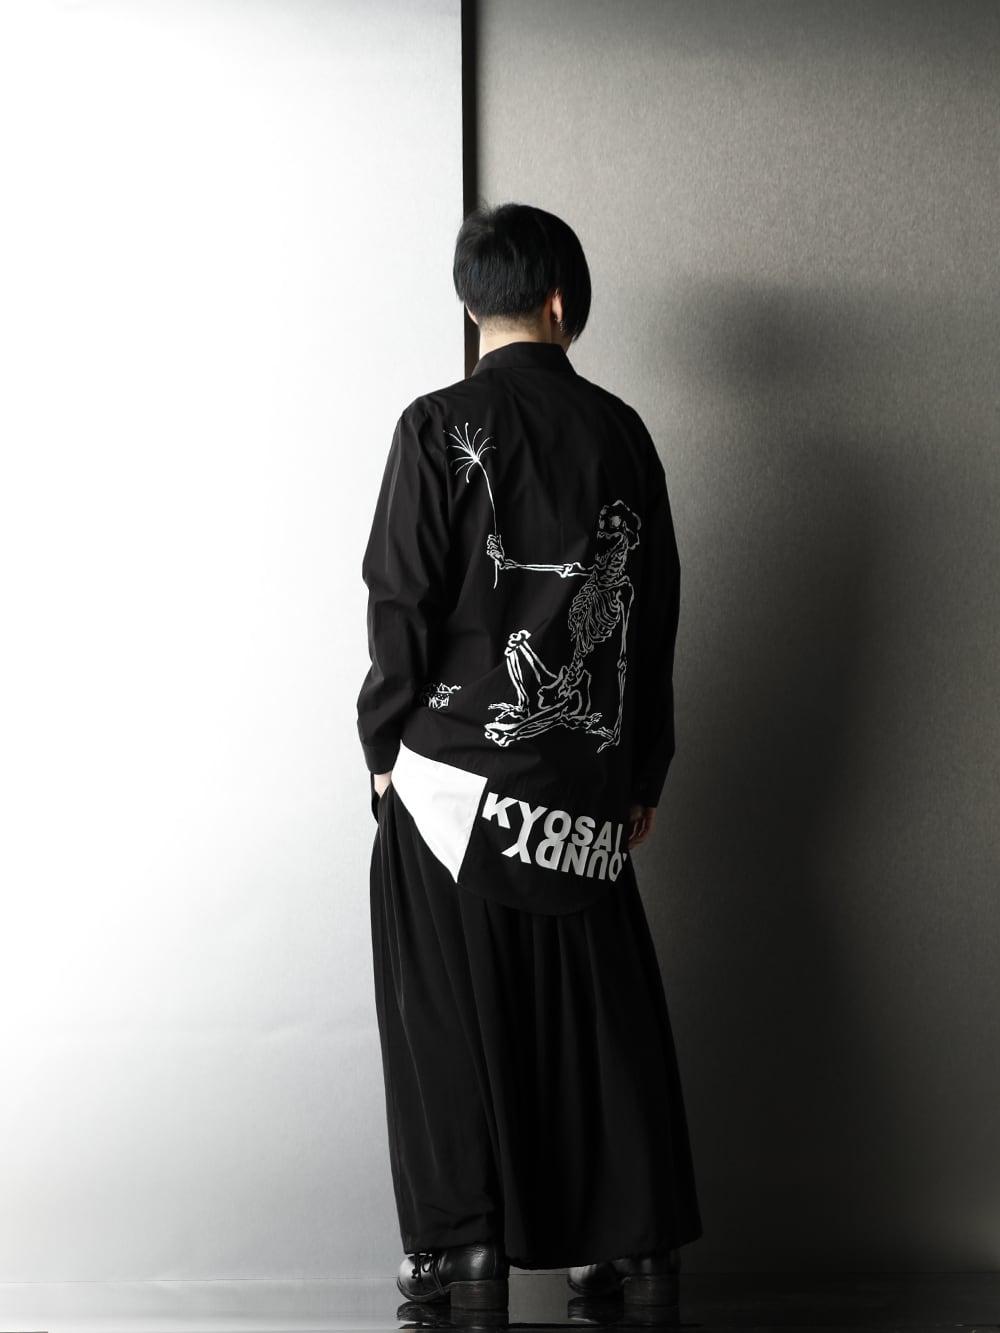 Ground Y x Kyosai Kawanabe Collaboration Shirt Styling - 3-003